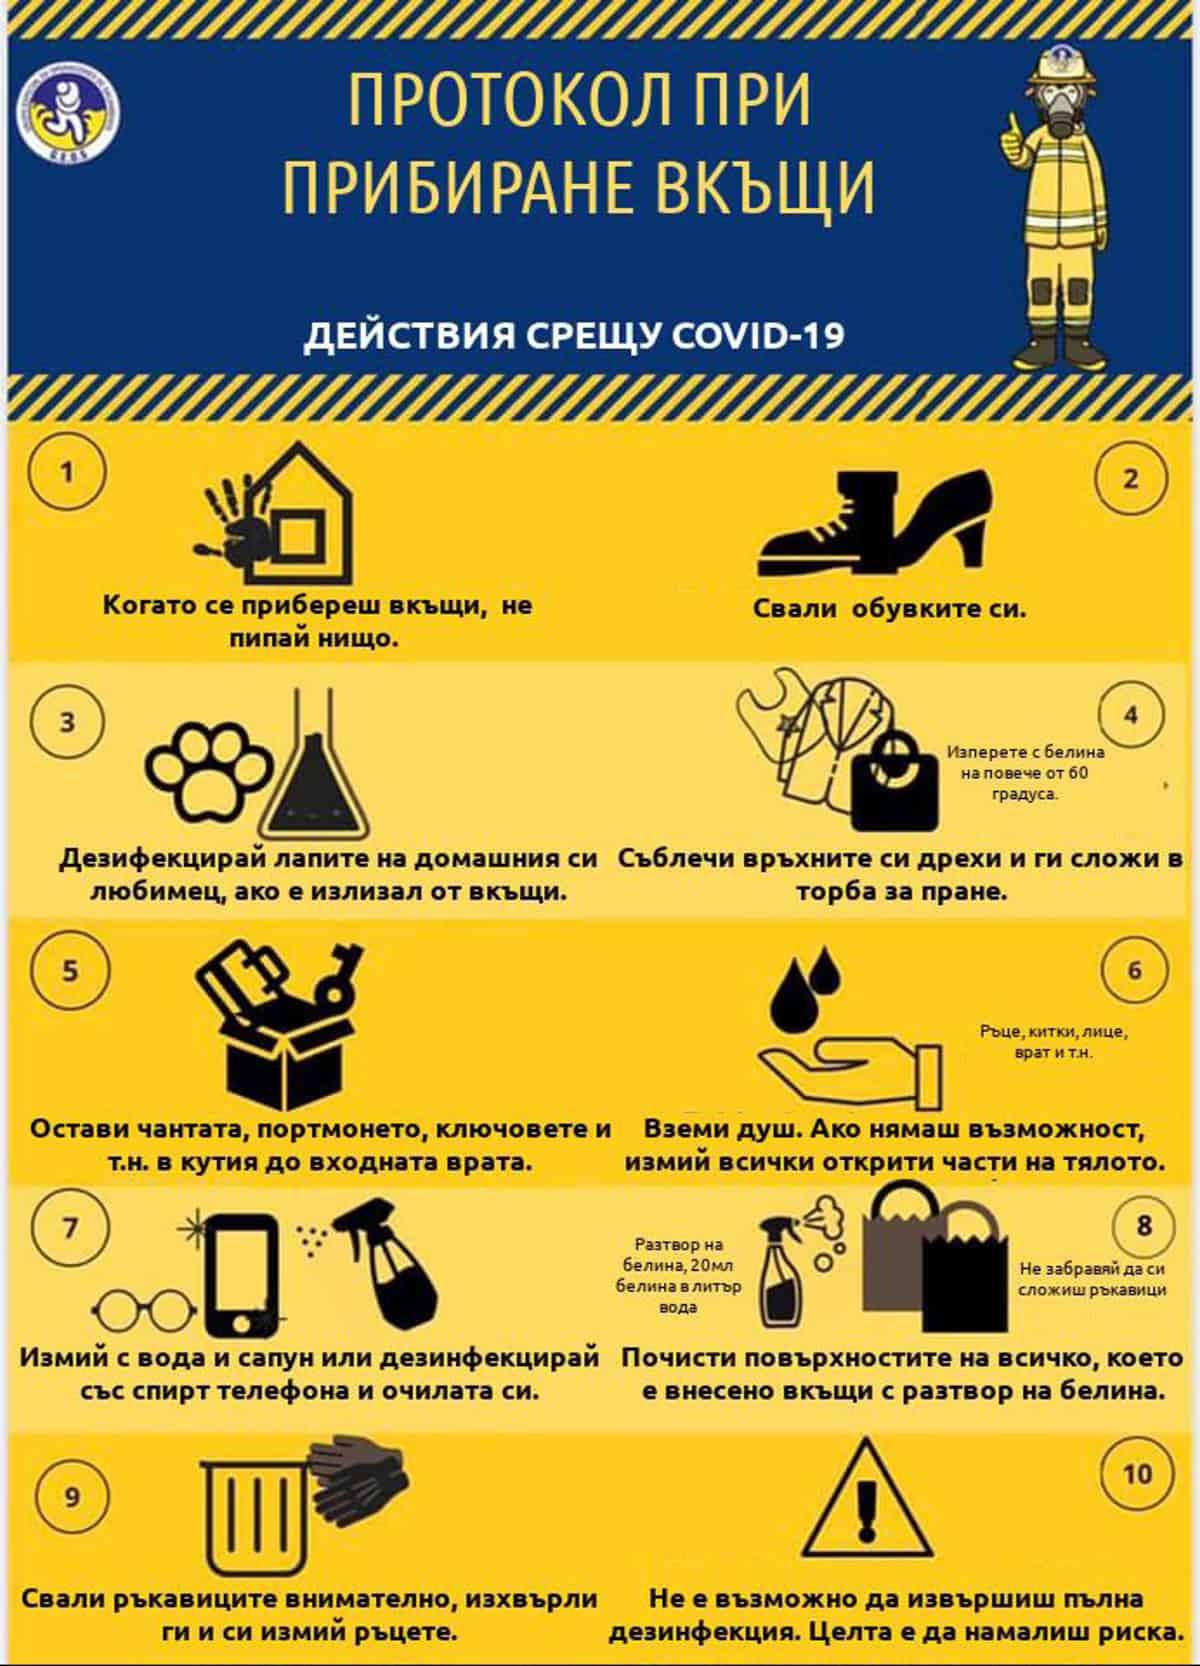 правила за защита от коронавирус при примиране вкъщи